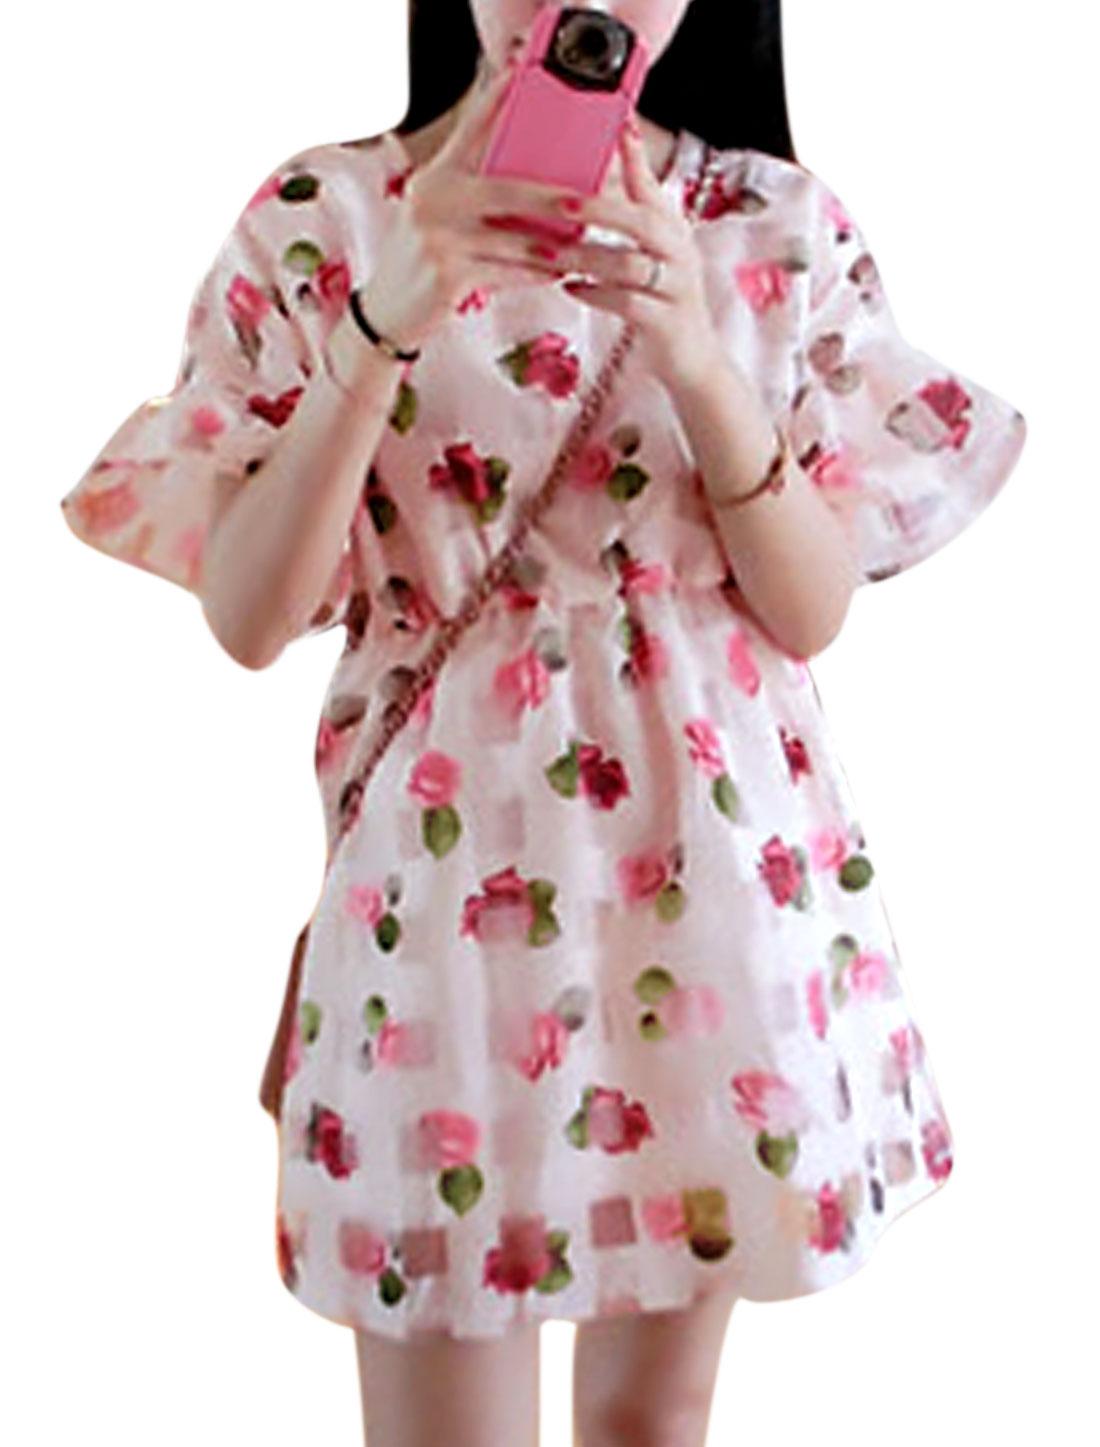 Women Rose Prints Short Sleeves A Line Organza Dress Light Pink S